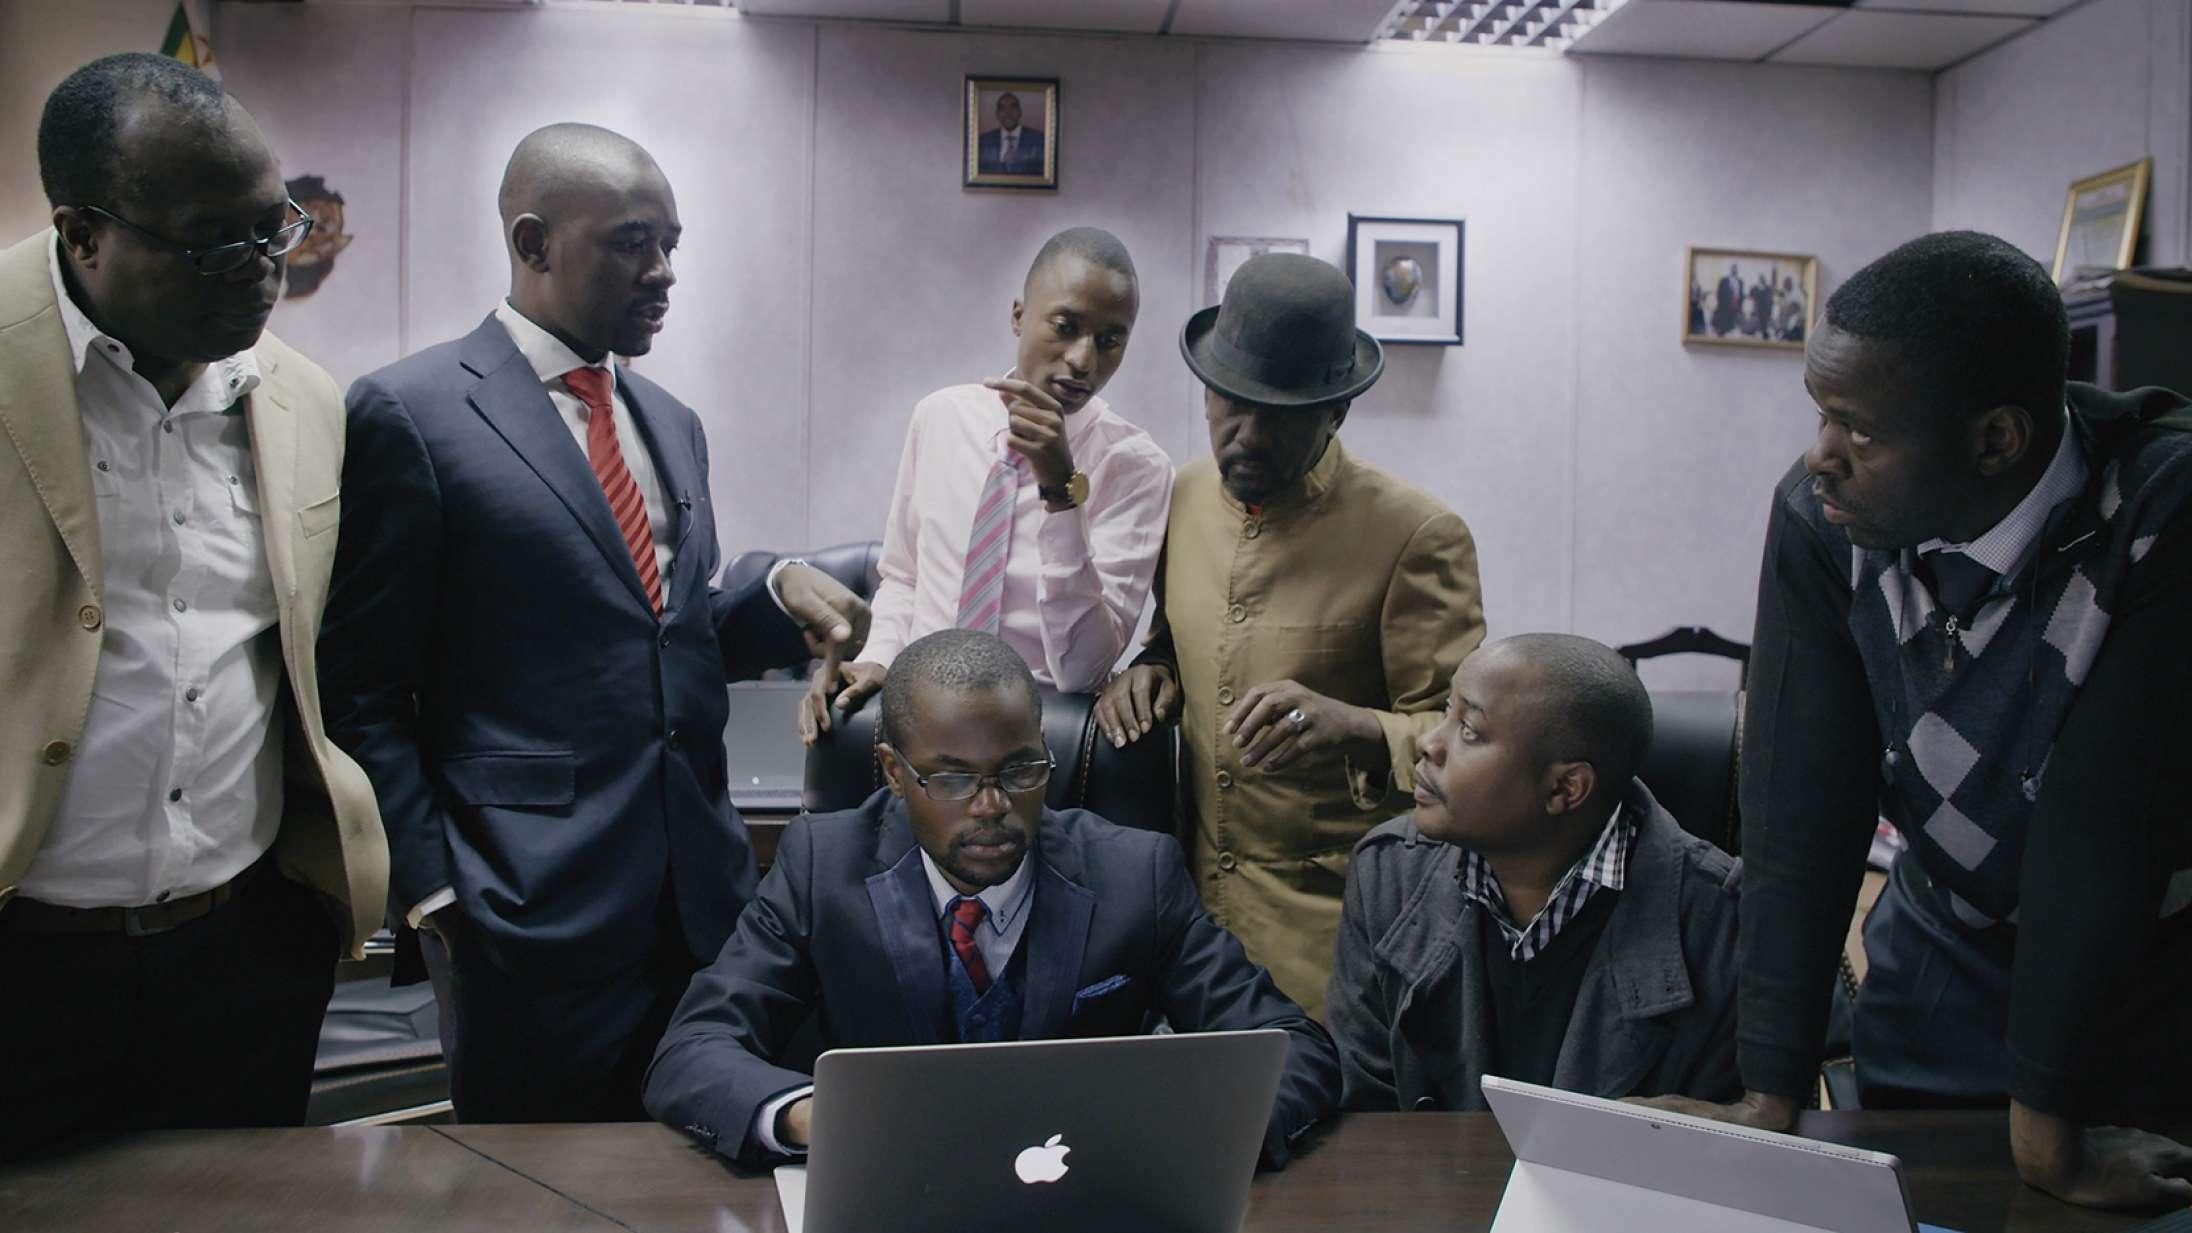 'President': Dansk instruktør står bag overvældende film om præsidentvalg i Zimbabwe